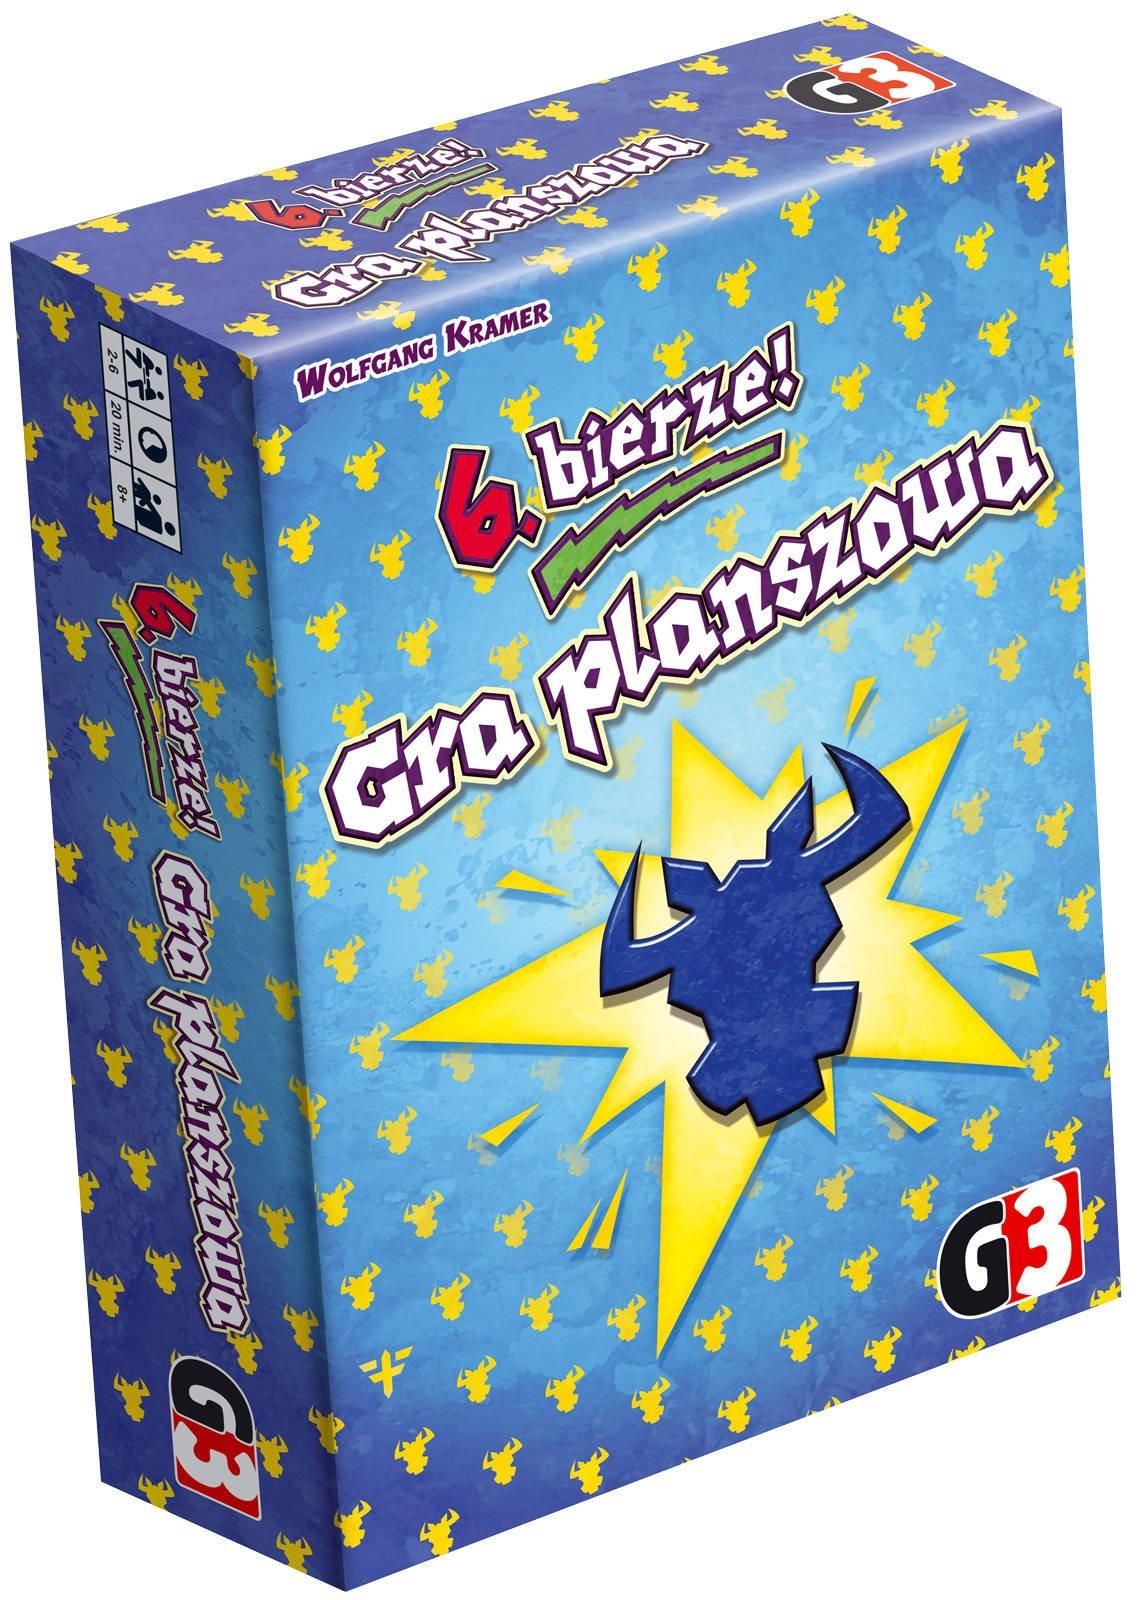 Gra planszowa - 6 bierze! (BGG 6.6) @am76 / Gra towarzyska, logiczna